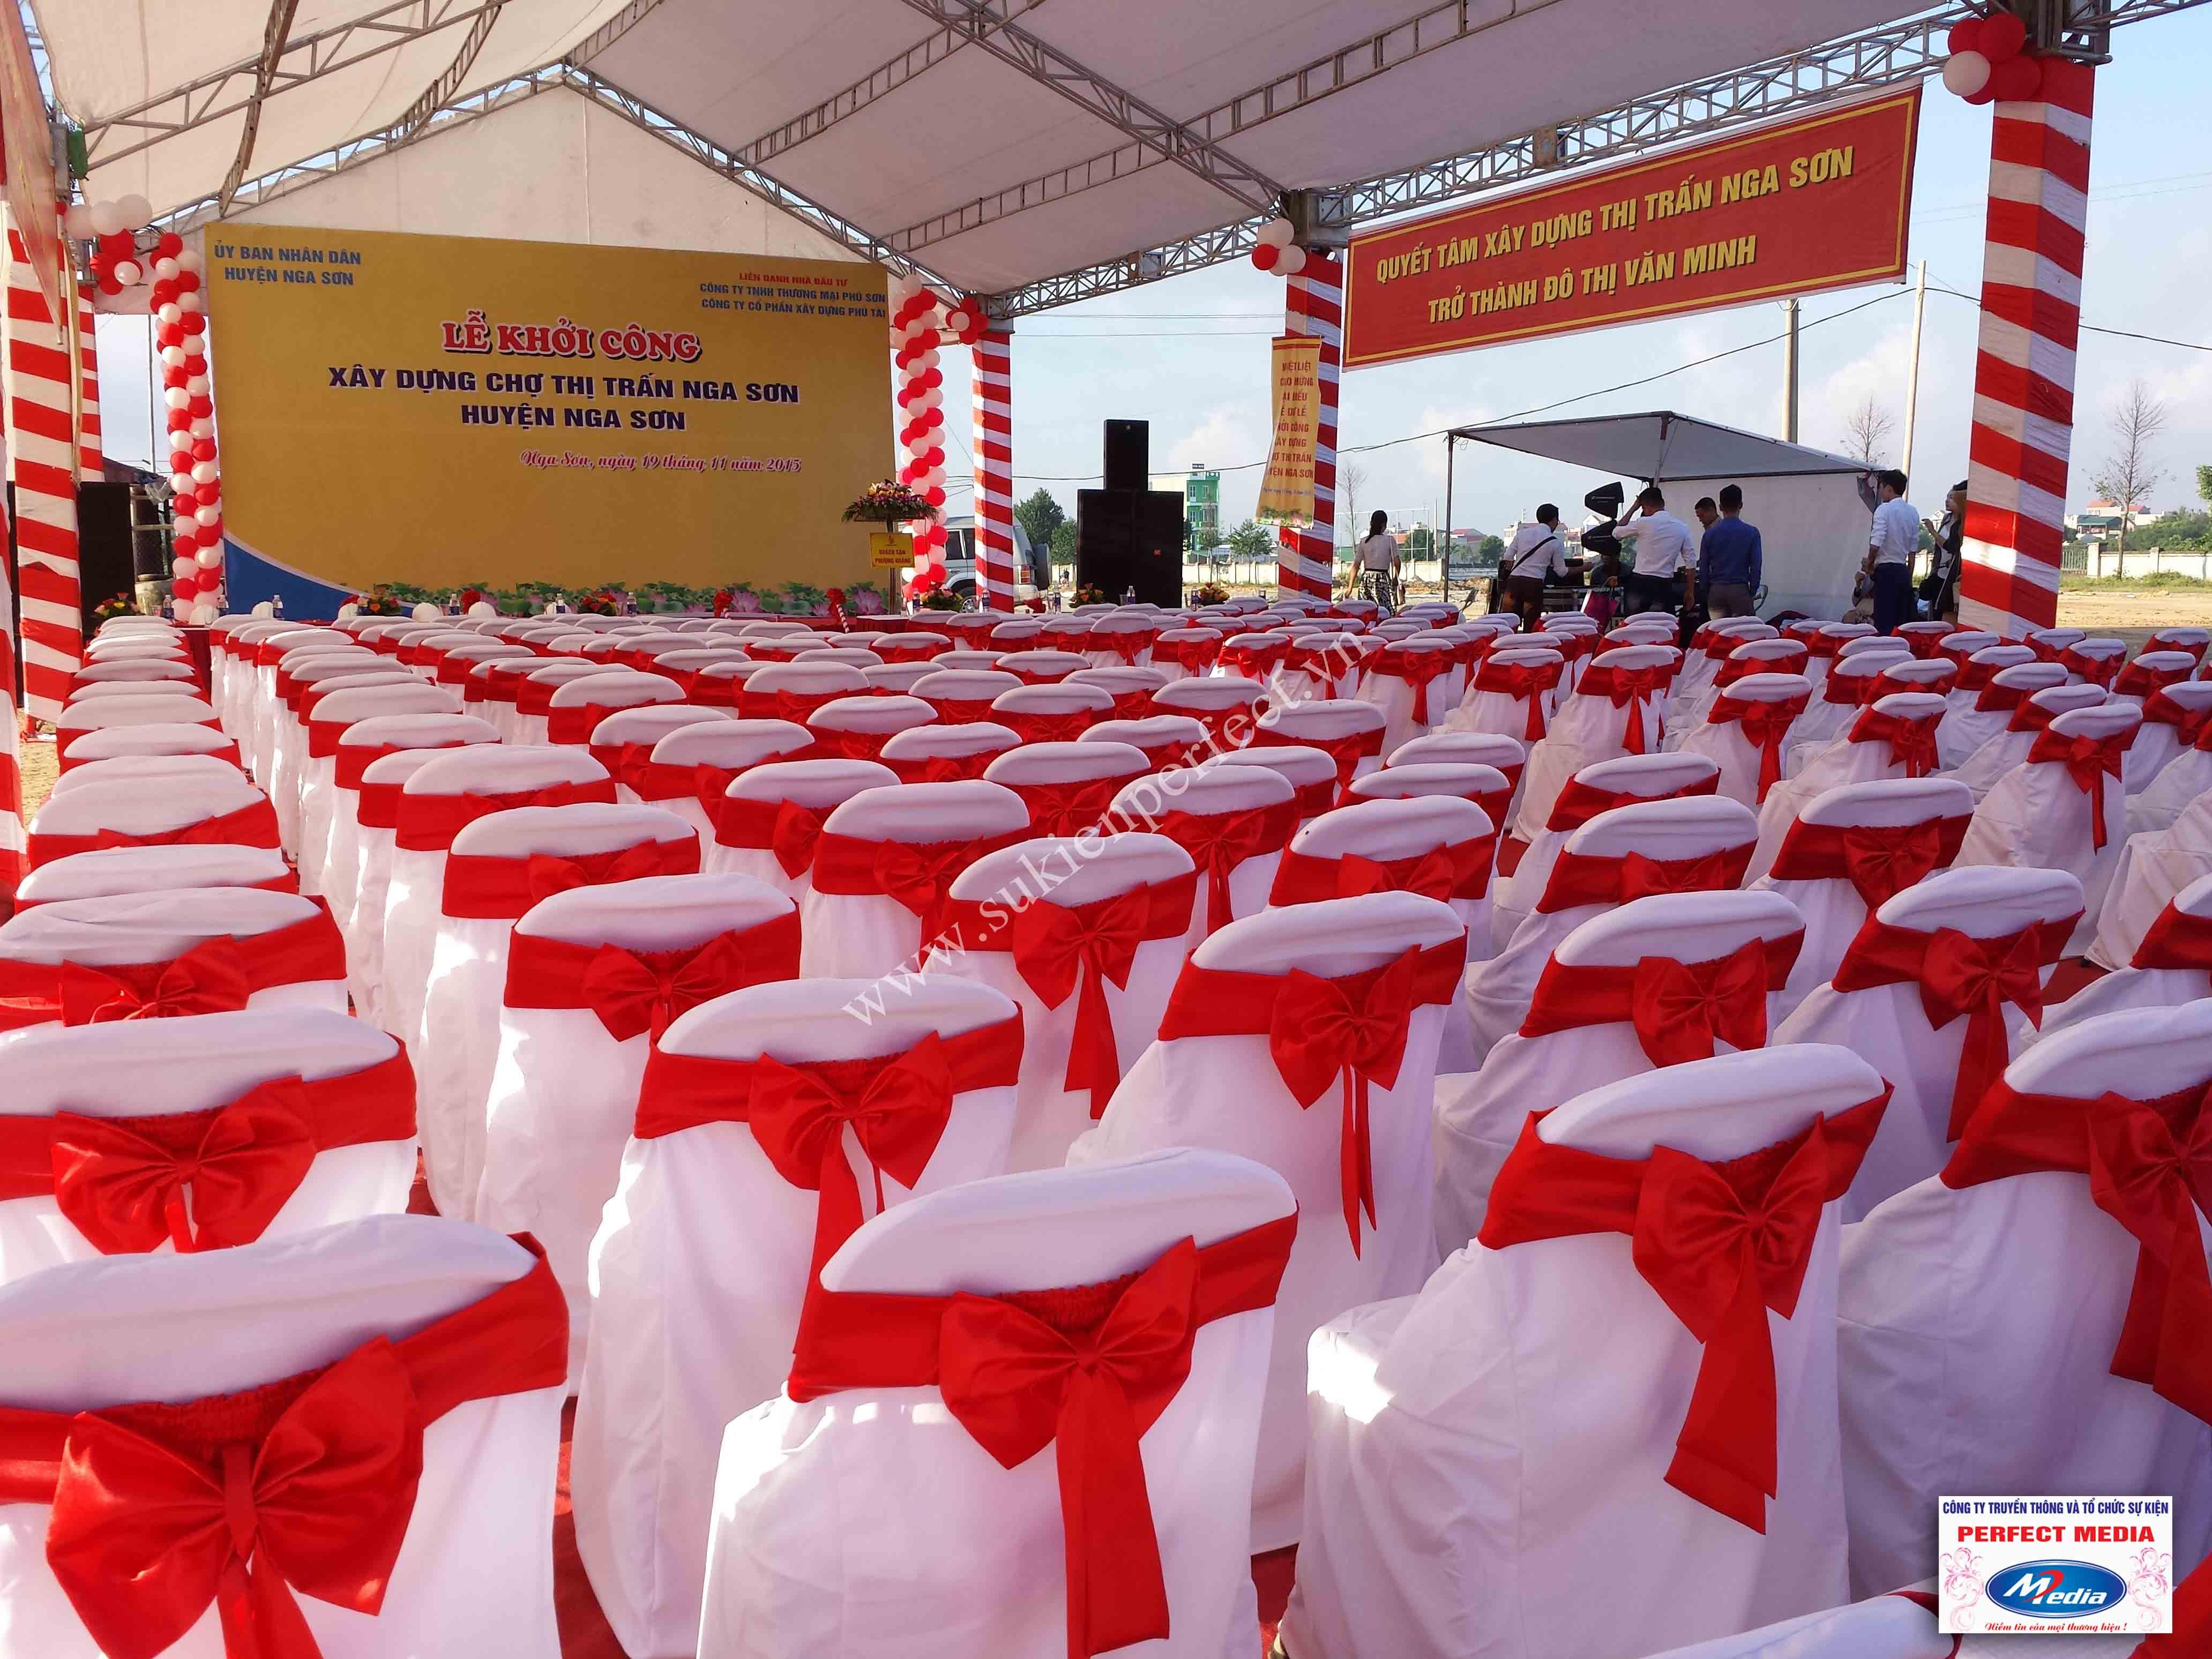 Hình ảnh hội trường lễ khởi công xây dựng chợ thị trấn huyện Nga Sơn 02